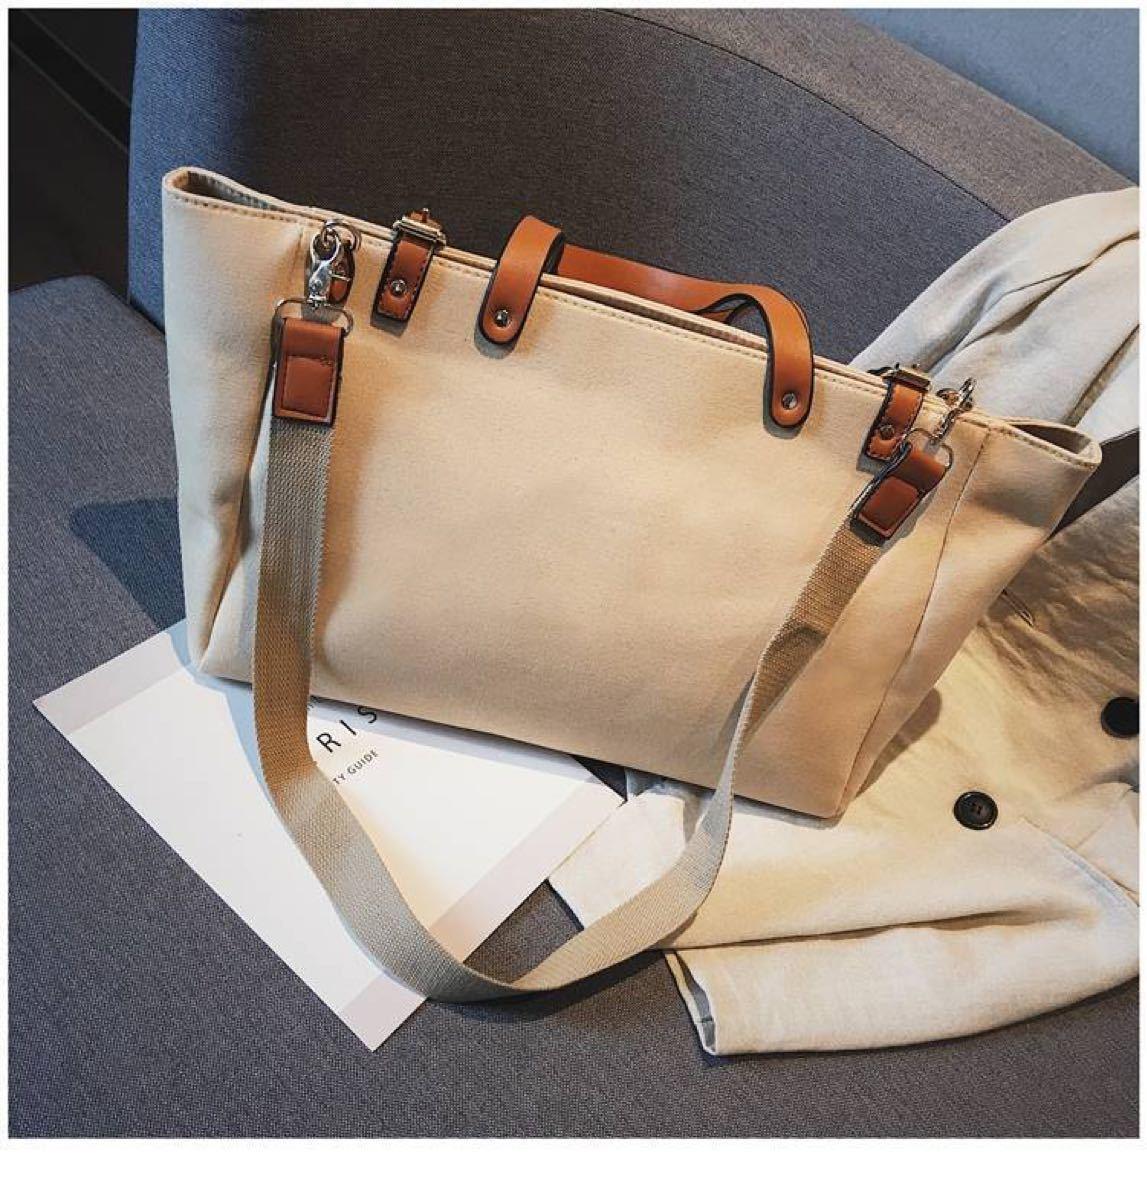 バッグ トートバッグ 2way ハンドバッグ 帆布 横長 ショルダーバッグ 人気 おしゃれ かわいい トート バッグ   ベージュ